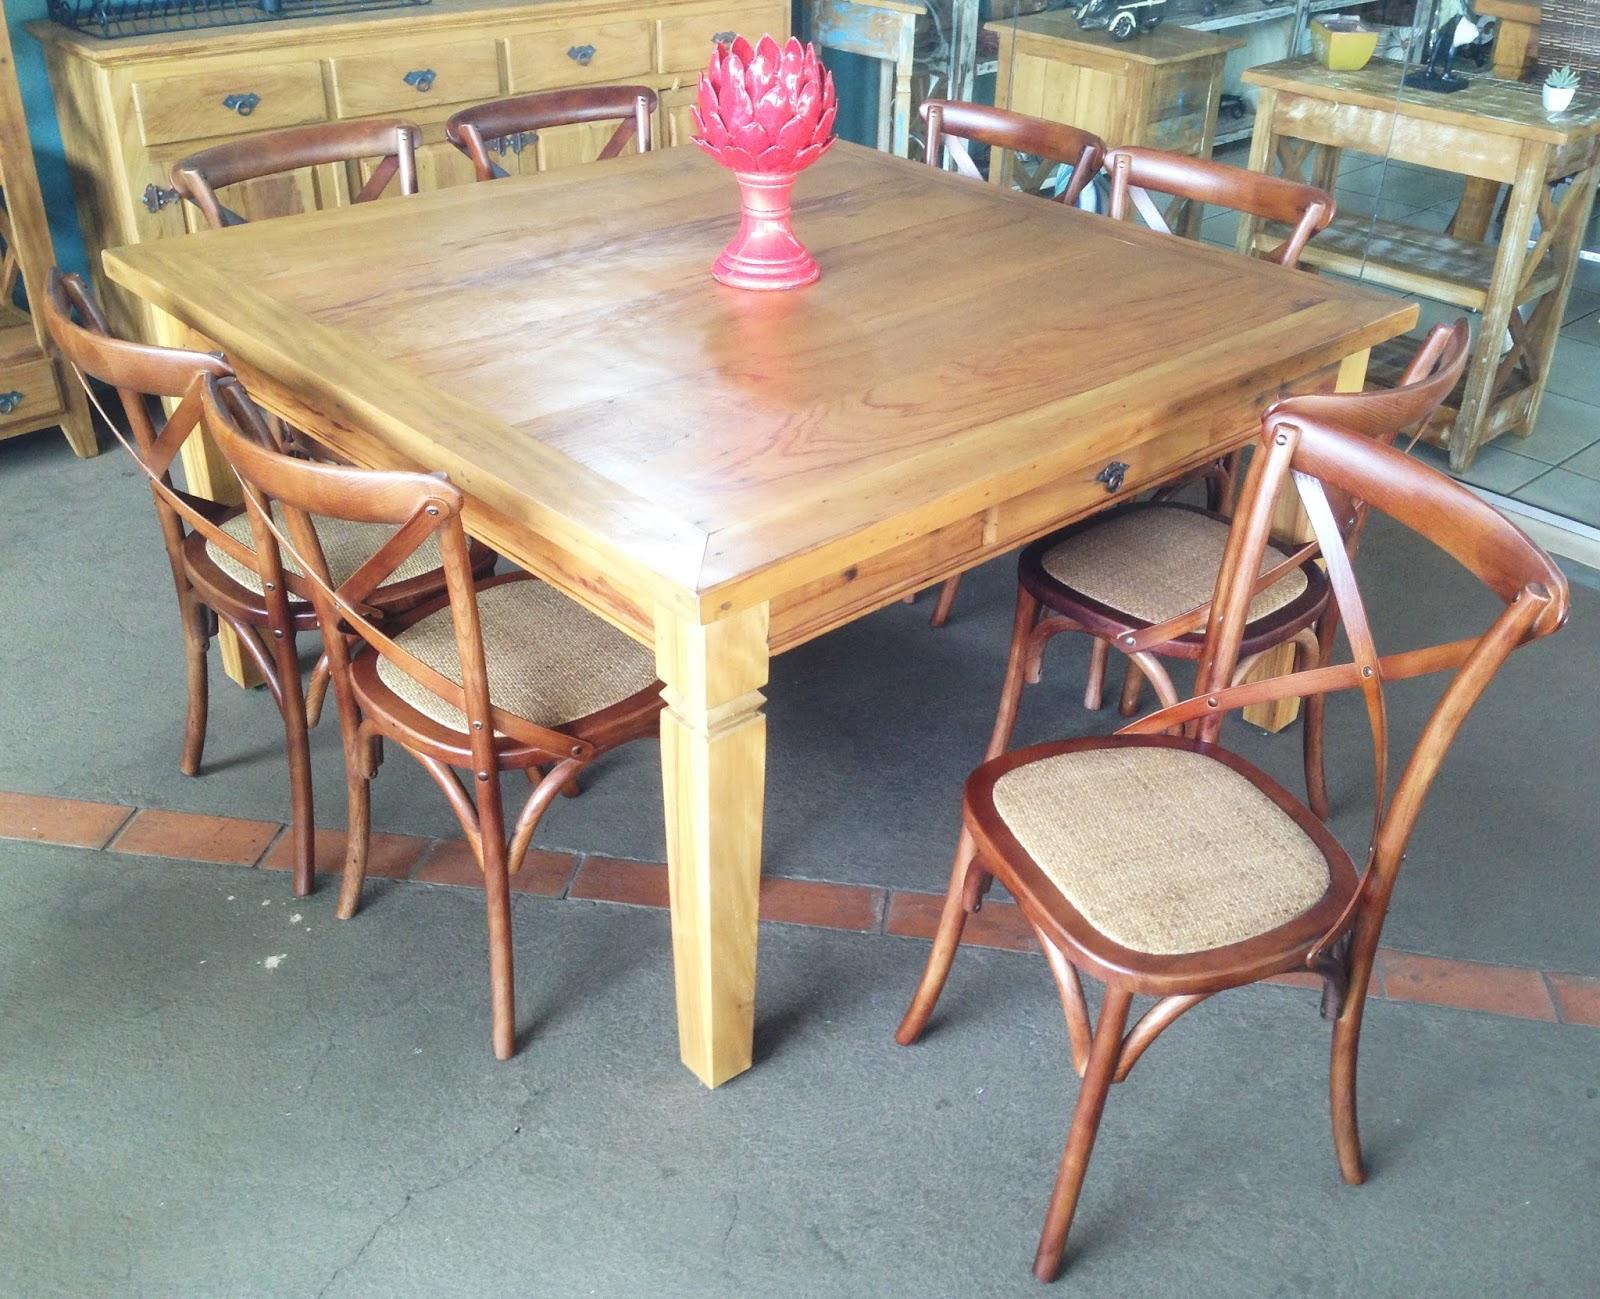 stof lar decora es m veis em madeira de demoli o mesa quadrada 1 50x1 50 e cadeira paris. Black Bedroom Furniture Sets. Home Design Ideas